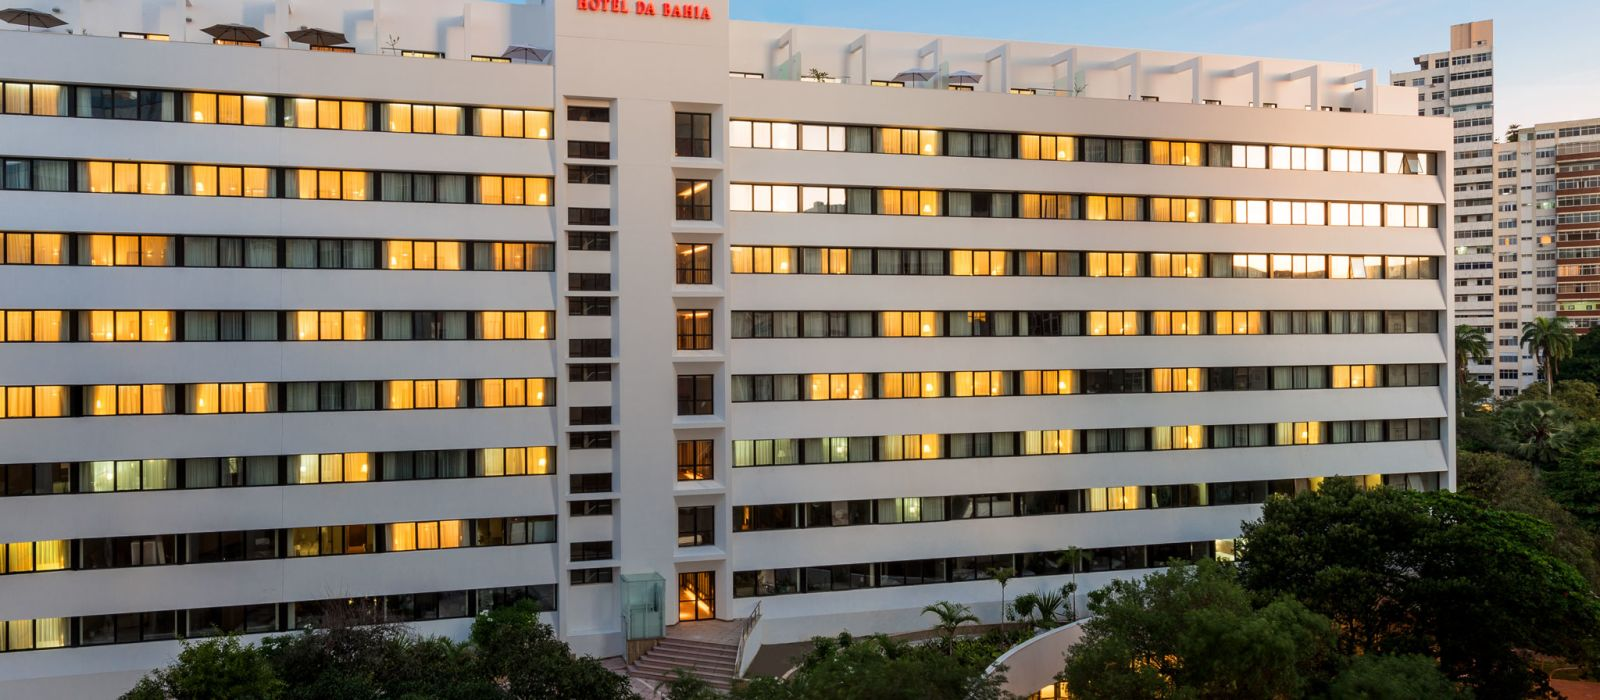 Hotel Wish  Da Bahia Brazil